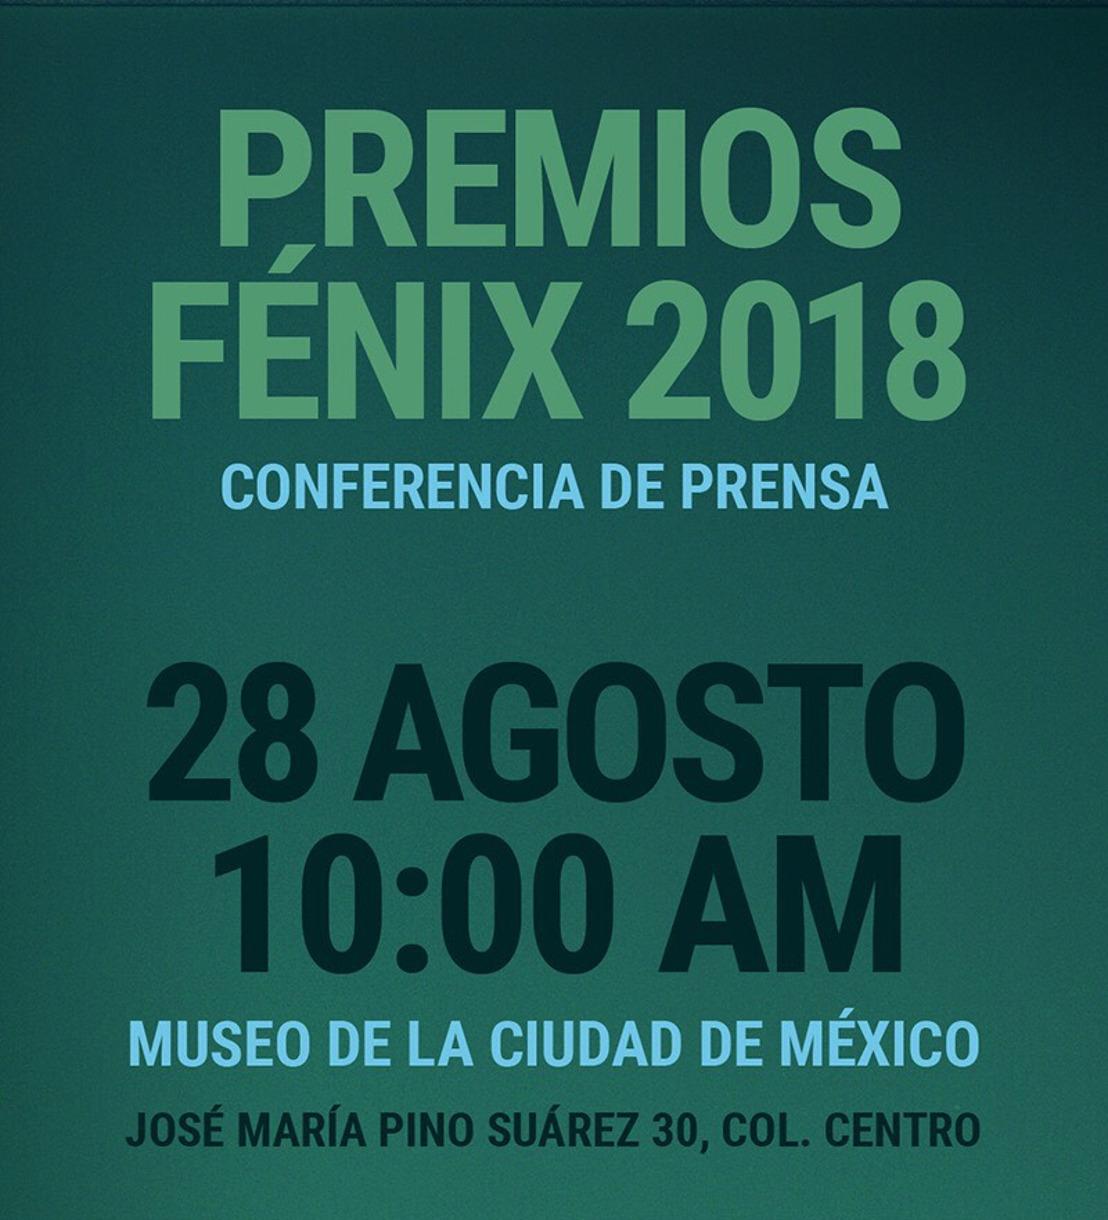 Conferencia de Prensa Premios Fénix